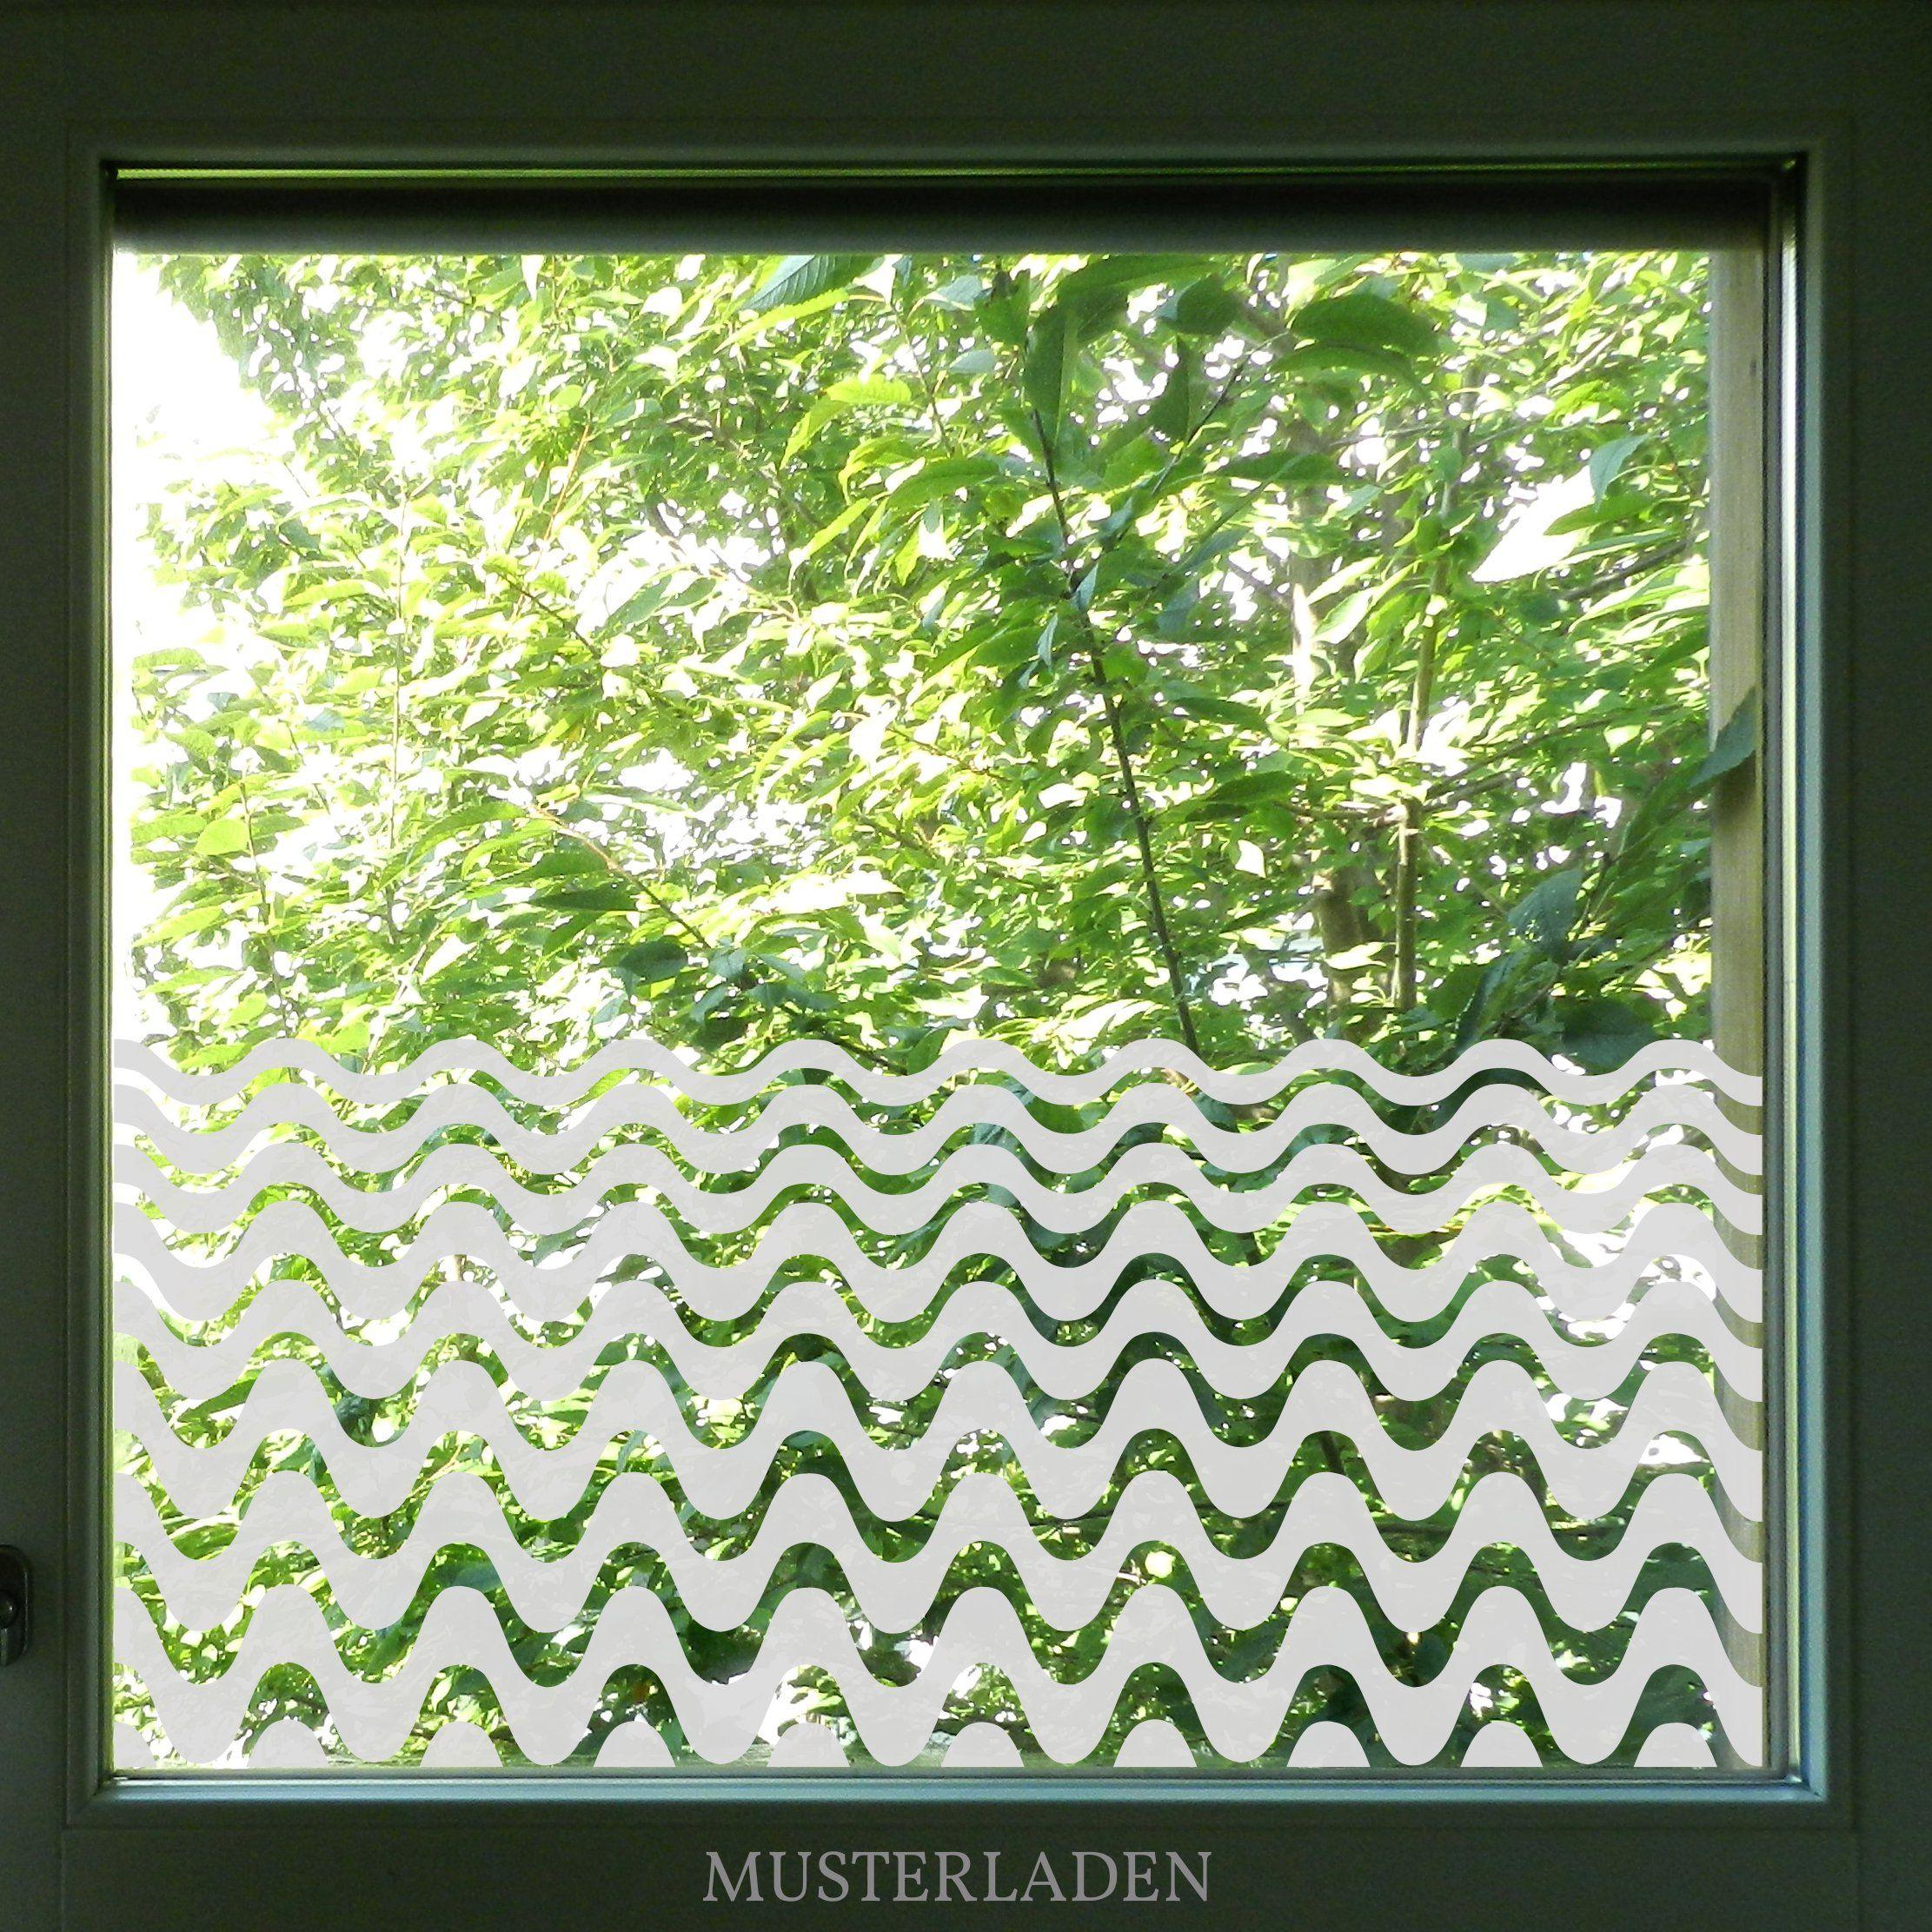 Fenstertattoo Mit Motiv Glasdekorfolie Wellen Fensterfolie Fenstertattoo Sichtschutz Fenster Innen